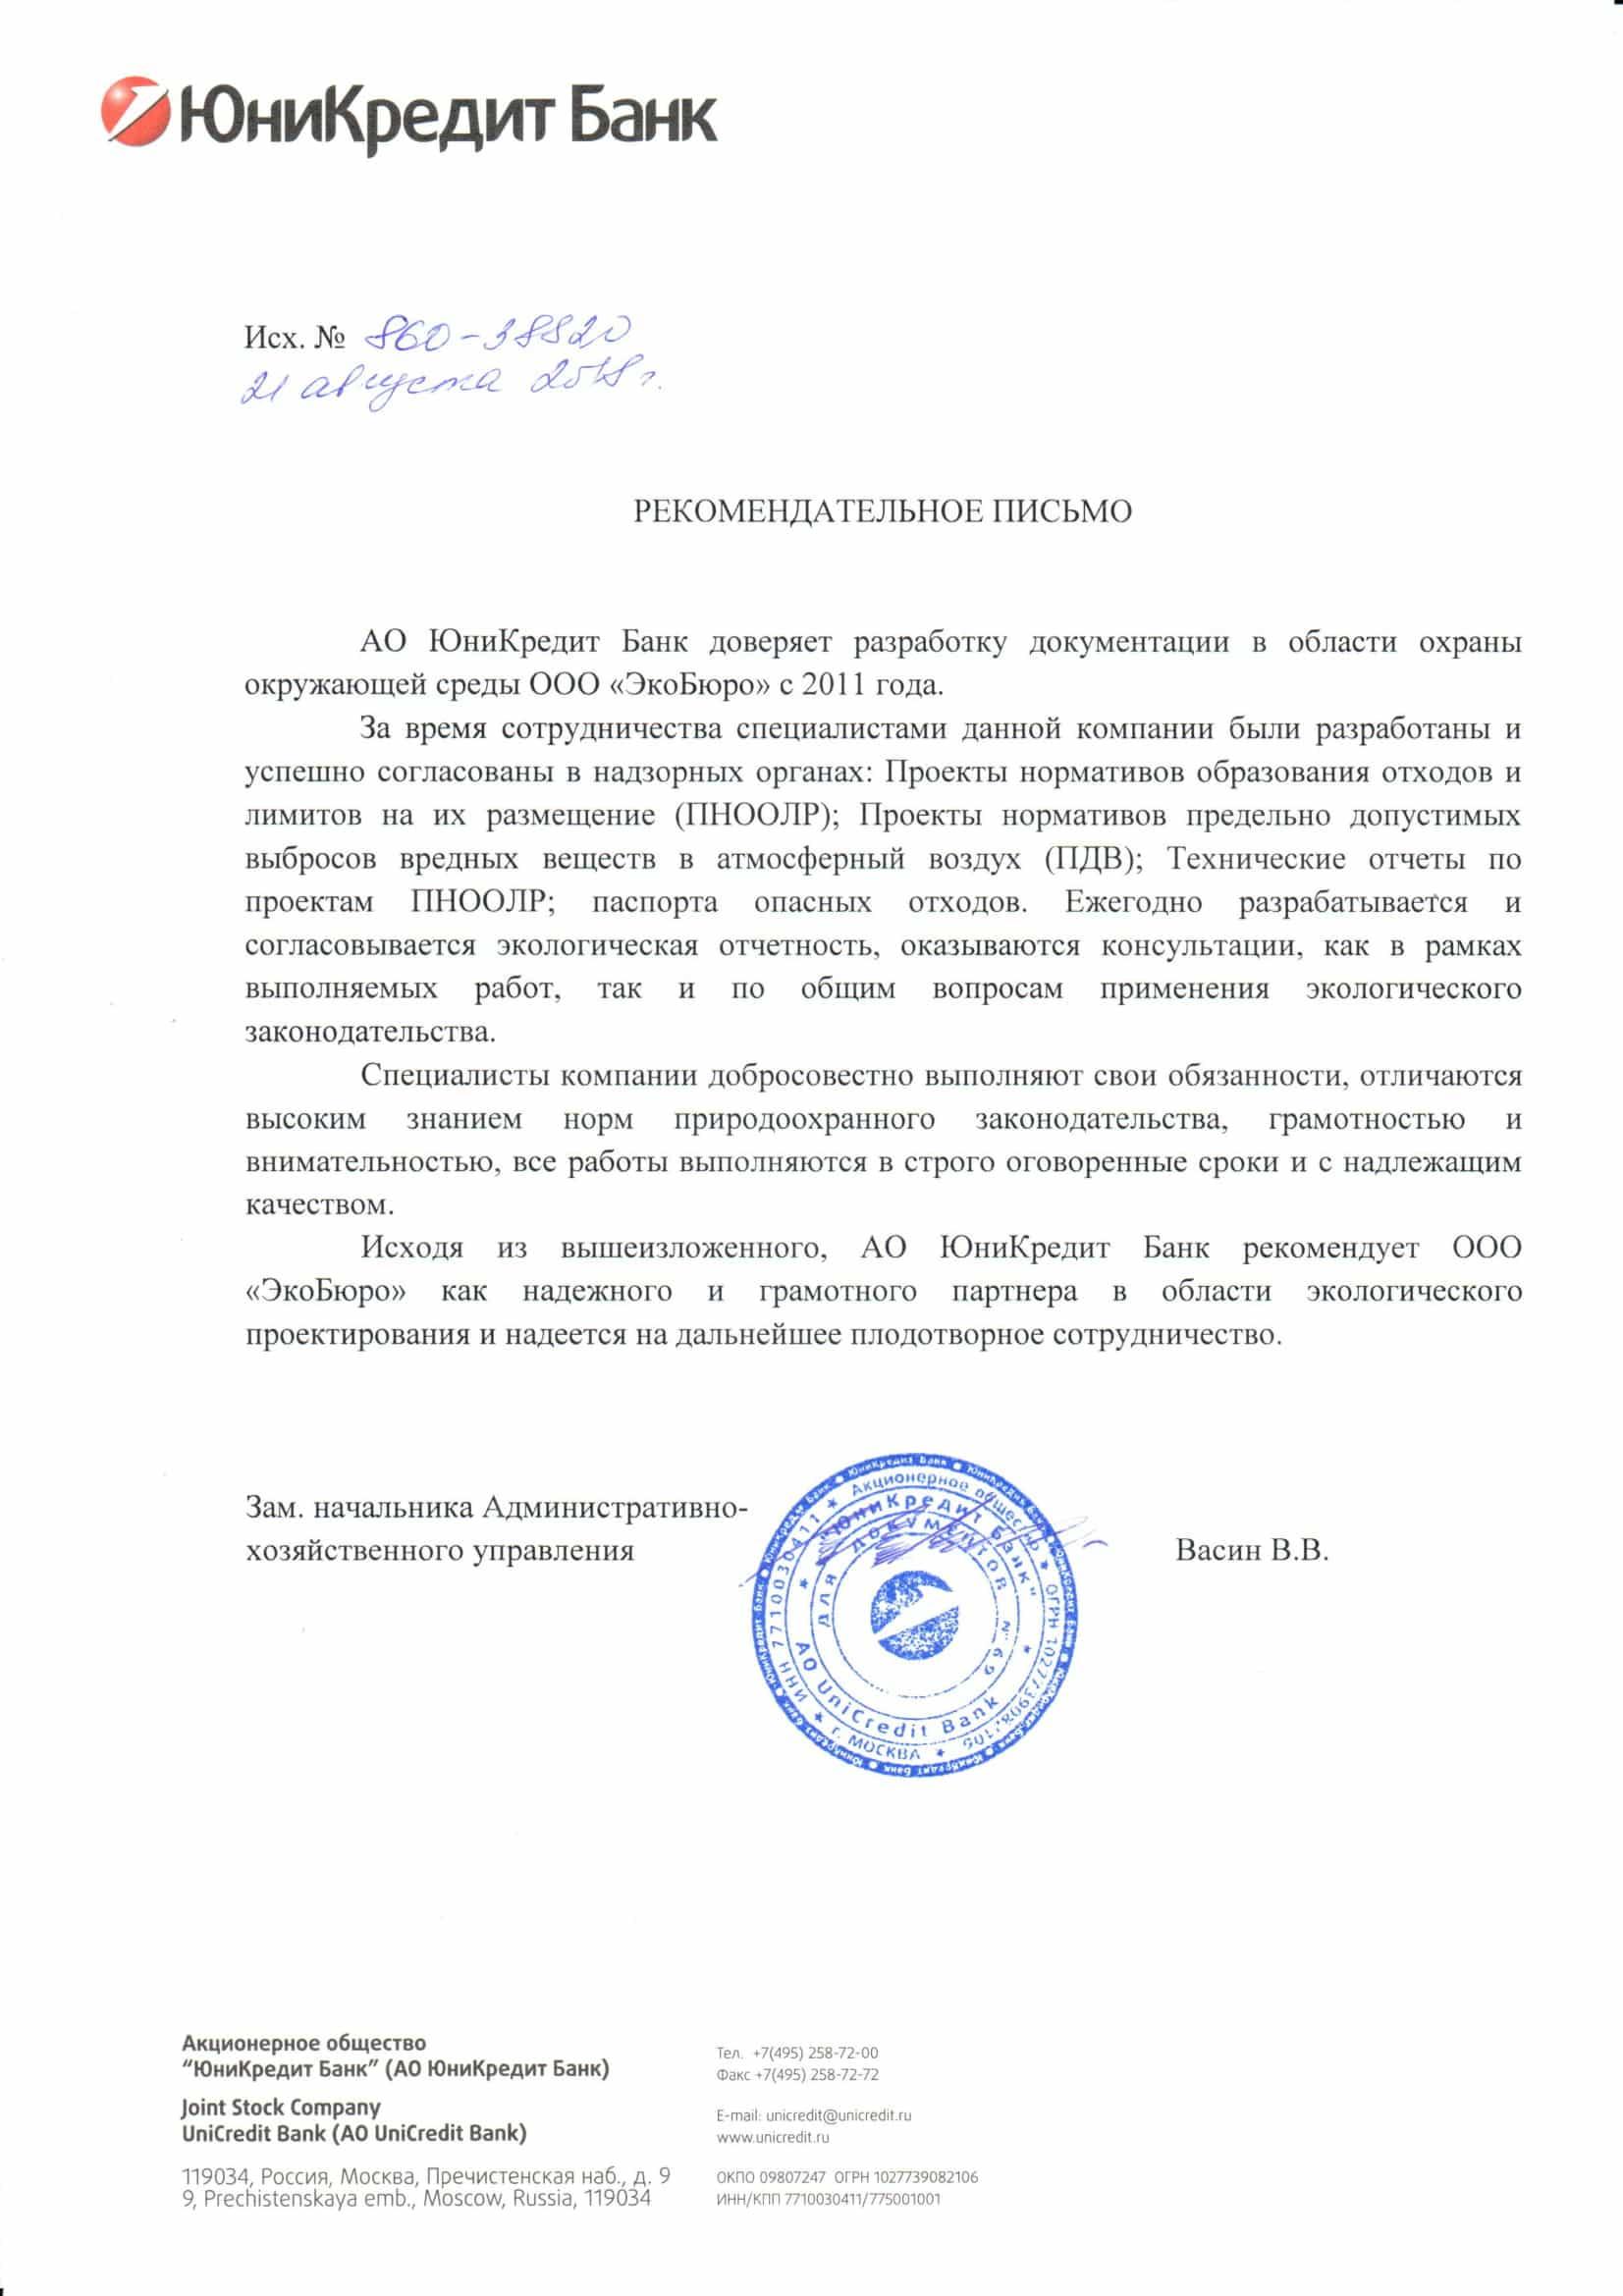 Рекомендательное письмо ЮниКредит Банк